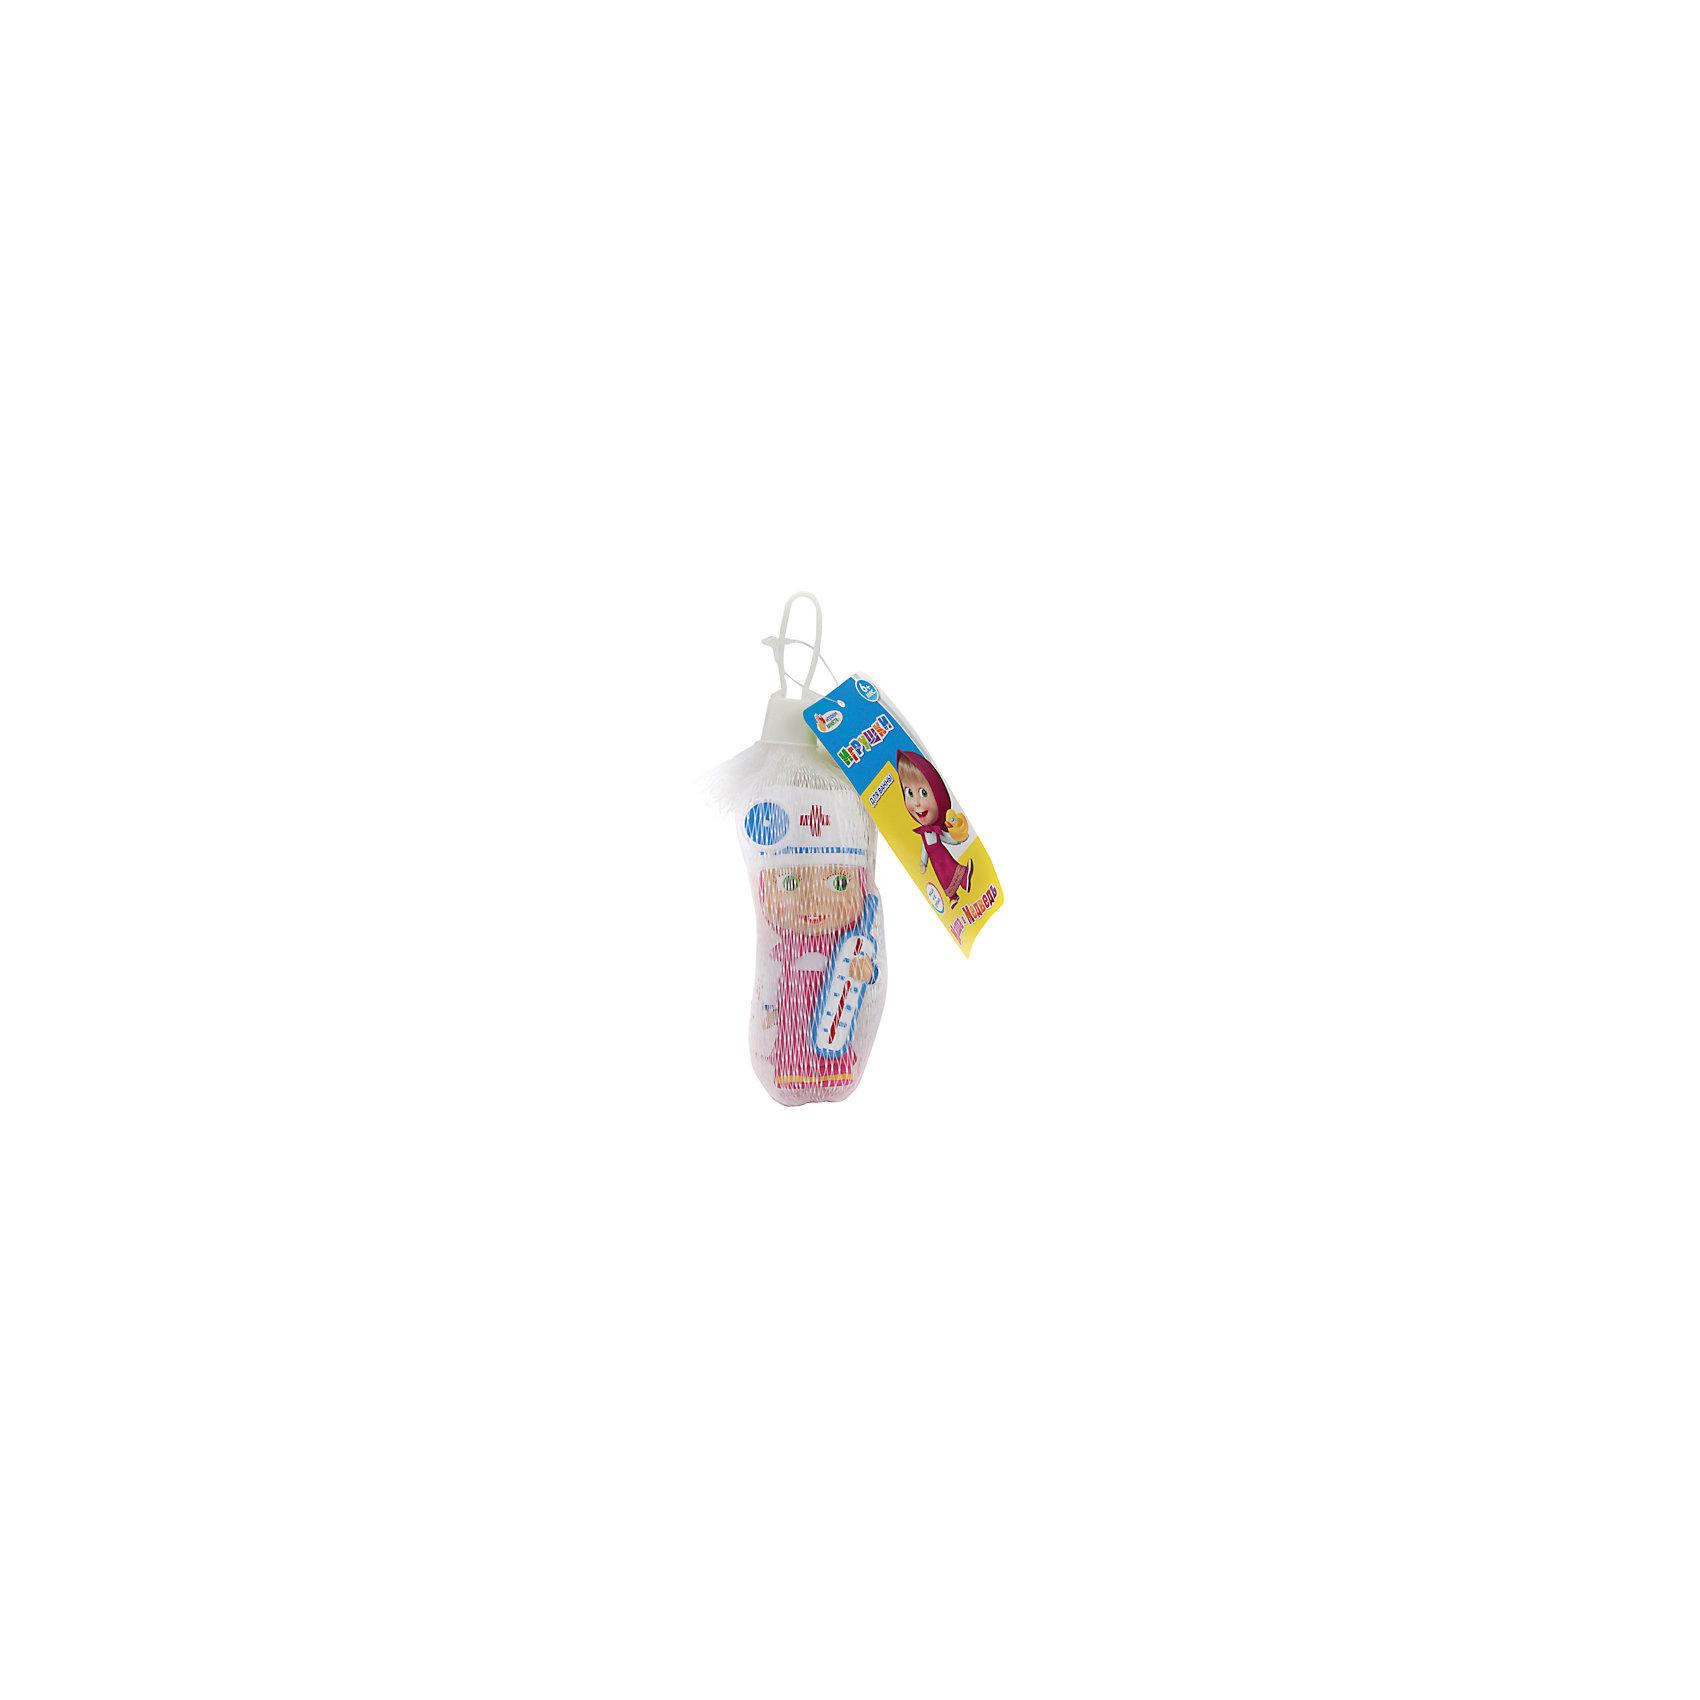 Фигурка для ванной Маша доктор, Маша и медведь, Играем вместеФигурка для ванной Маша доктор, Маша и медведь, Играем вместе<br><br>Характеристики:<br><br>• Материал: ПВХ.<br>• Размер: 4х10х5см.<br><br>Отличная игрушка из мягкого ПВХ надолго займет внимание вашего малыша. Эта игрушка поможет малышу при прорезывании зубов, поможет развивать моторику рук, знакомить с формой, цветом, образами также с ней можно забавно поиграть в ванной. Яркий образ любимой героини поможет ребенку придумывать различные сюжетно-ролевые игры.<br><br>Фигурку для ванной Маша доктор, Маша и медведь, Играем вместе, можно купить в нашем интернет – магазине.<br><br>Ширина мм: 40<br>Глубина мм: 100<br>Высота мм: 50<br>Вес г: 40<br>Возраст от месяцев: 6<br>Возраст до месяцев: 3<br>Пол: Унисекс<br>Возраст: Детский<br>SKU: 4950489